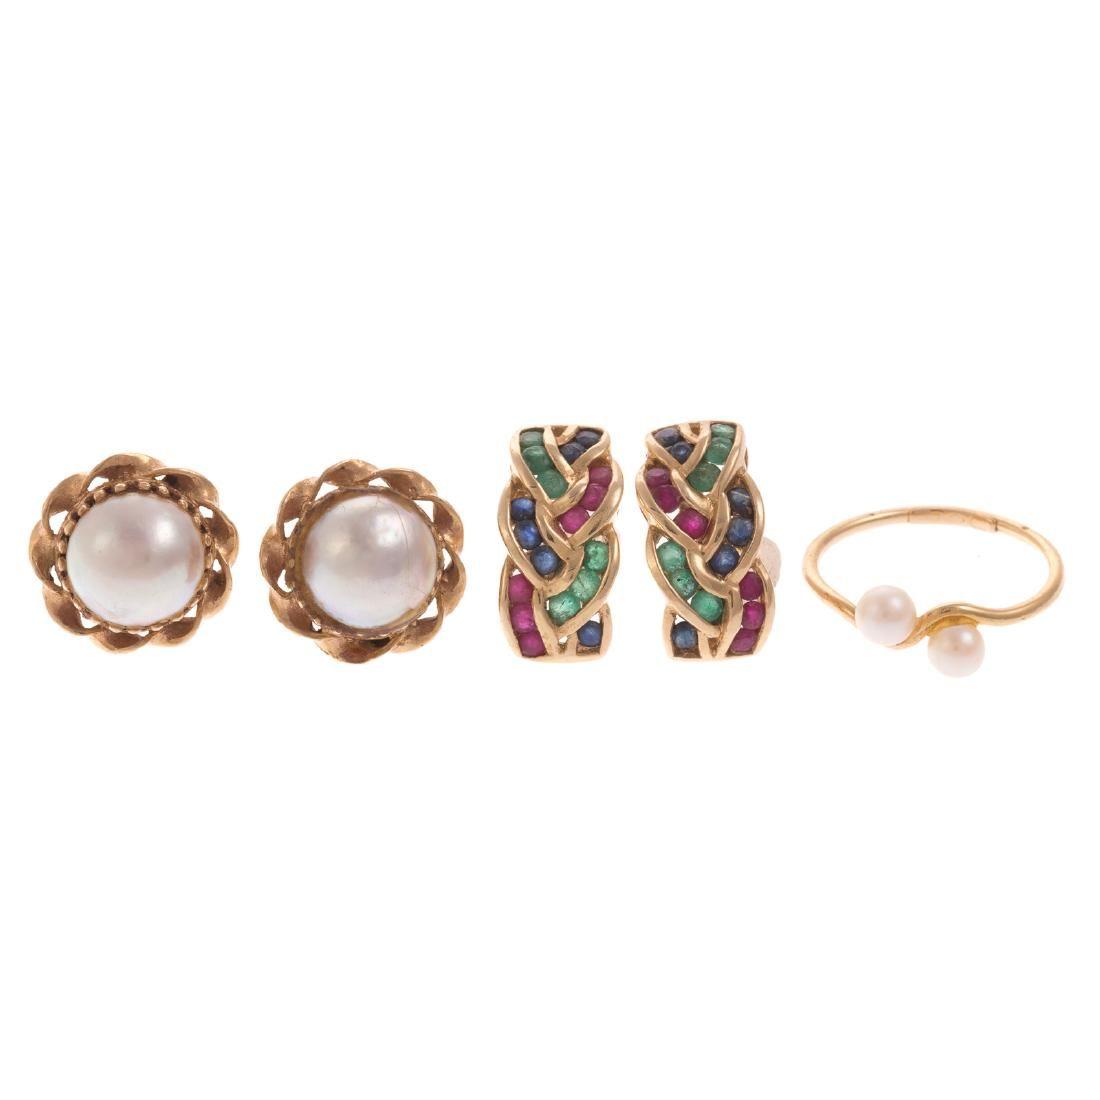 Two Pairs of Ladies Earrings & Pearl Ring